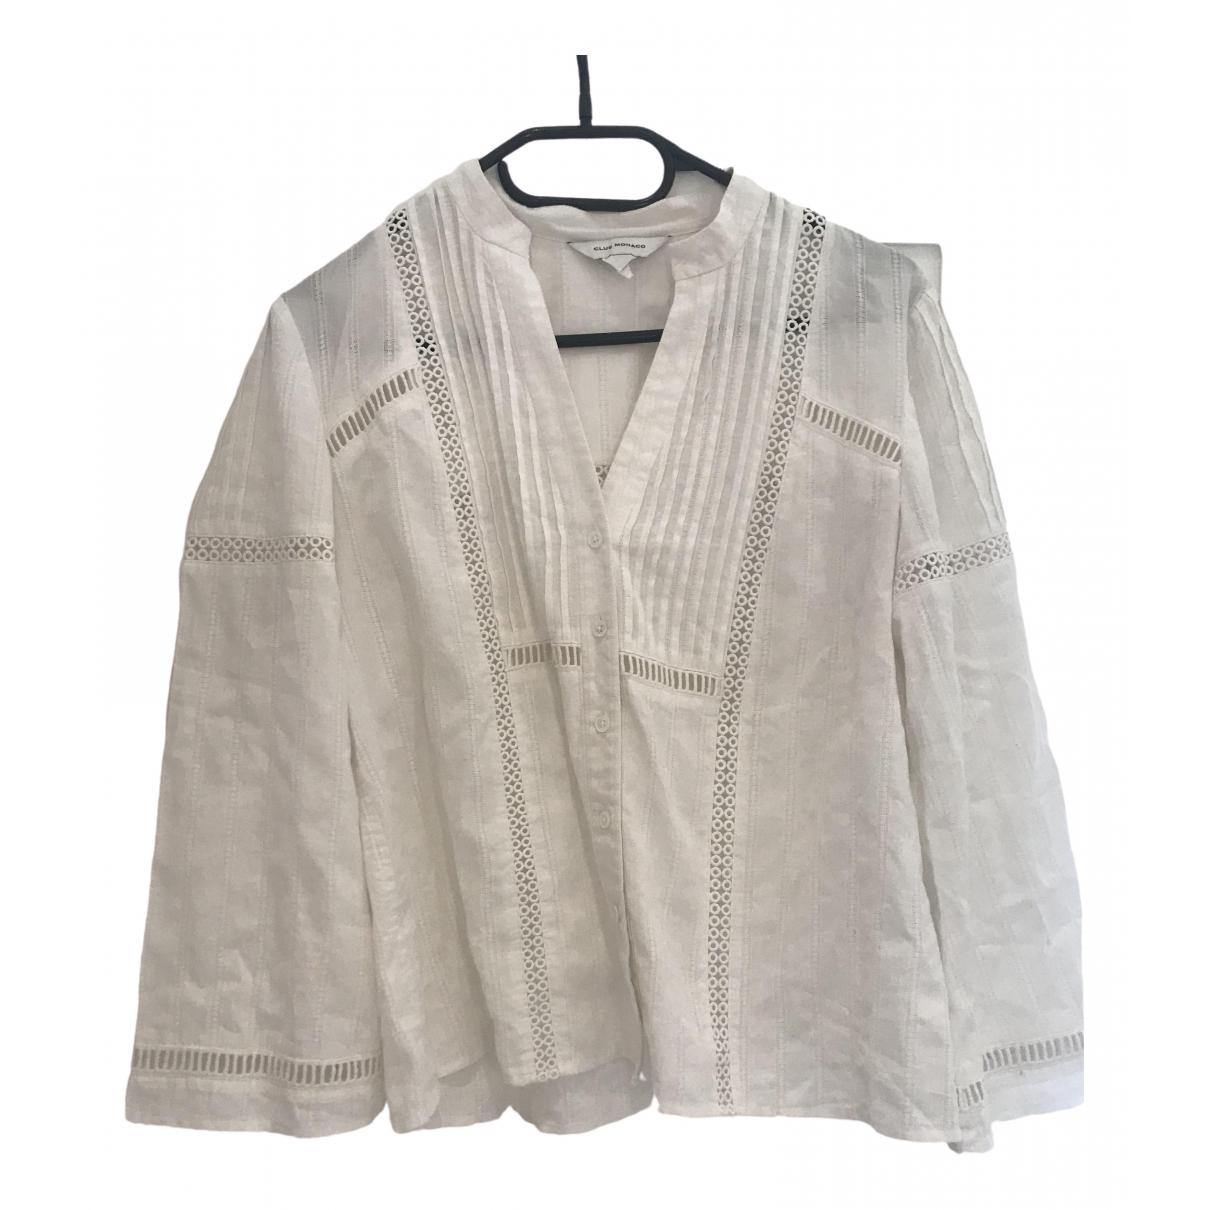 Club Monaco - Top   pour femme en coton - blanc